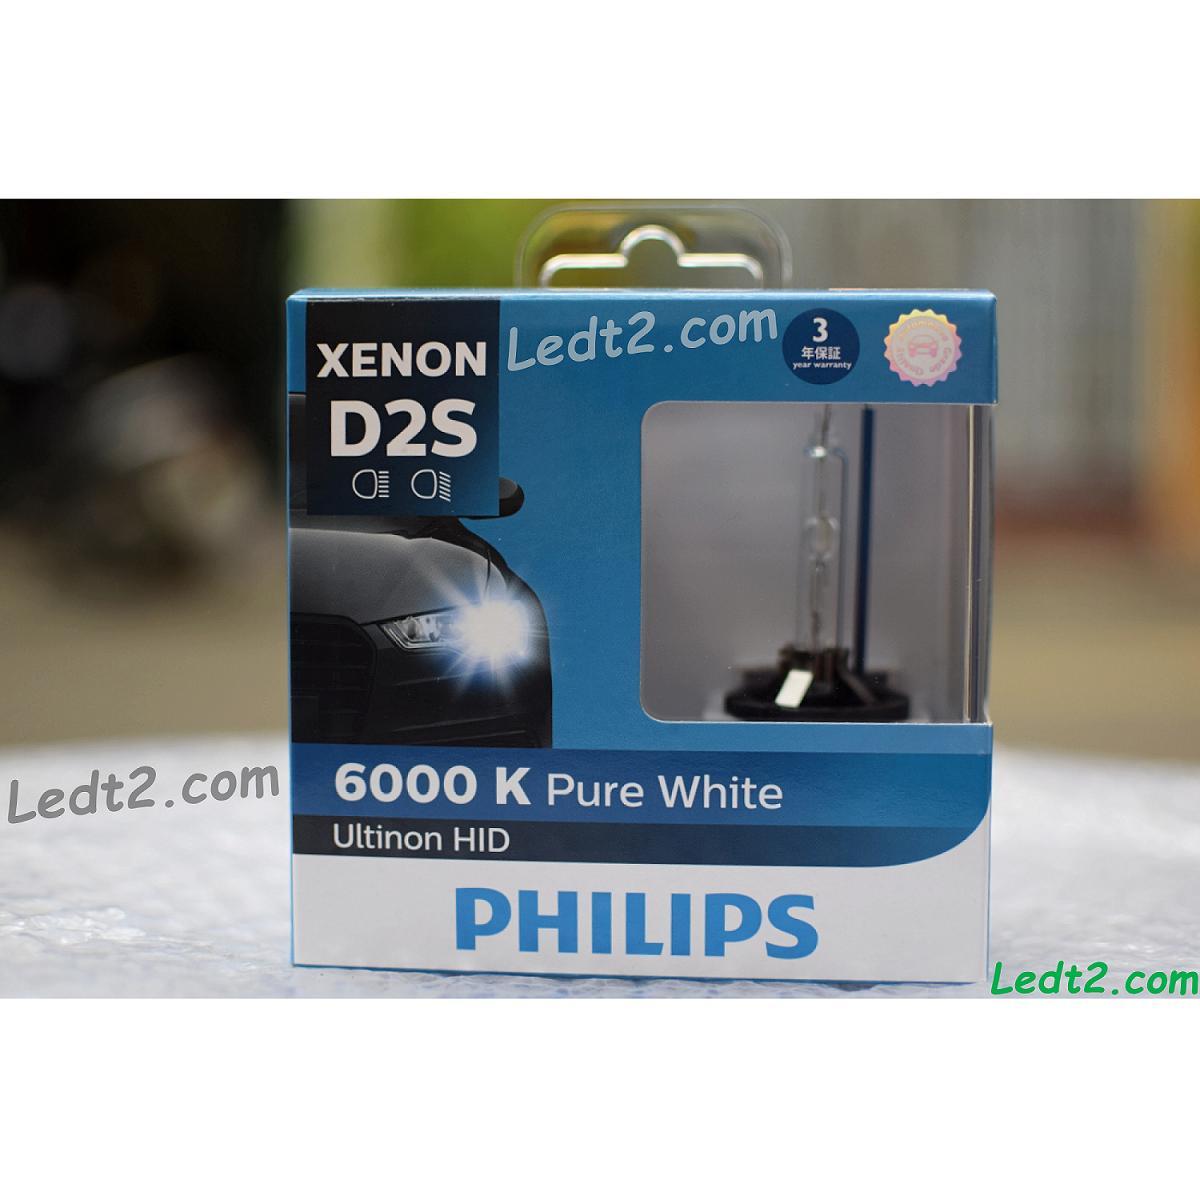 [ledt2.com] [bh 3 Năm] Xenon Philips Ultinon 6000k D1s, D2s, D3s, D4s [sl: 1 Bóng] By Isop.